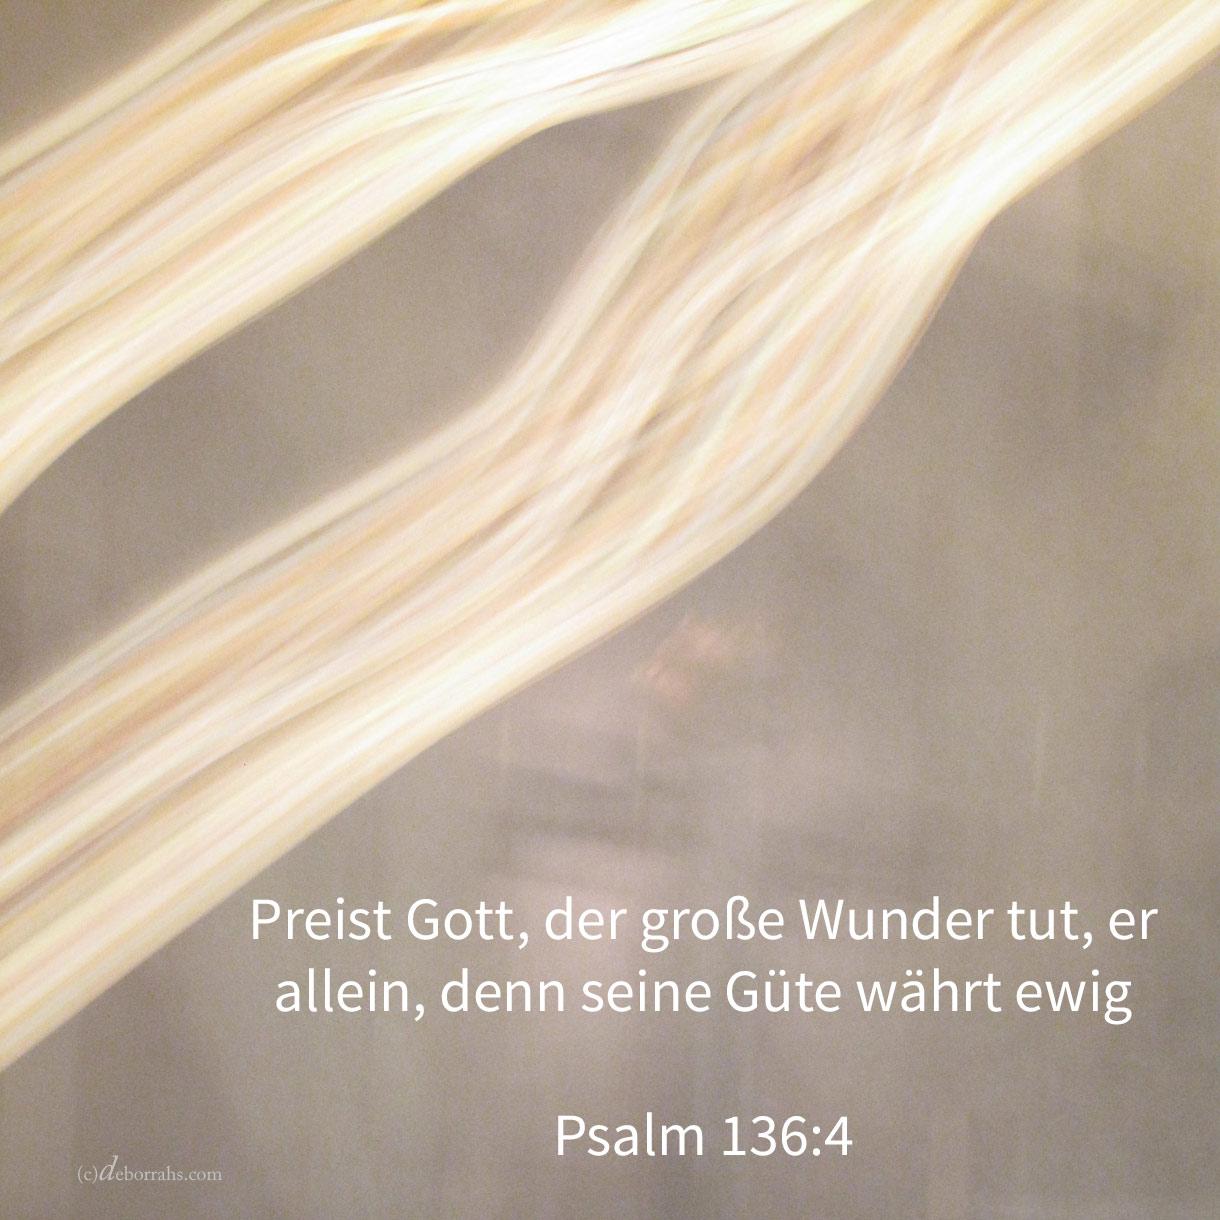 Preist Gott, der große Wunder tut, er allein, denn seine Güte währt ewiglich ( Ps 136,4 )